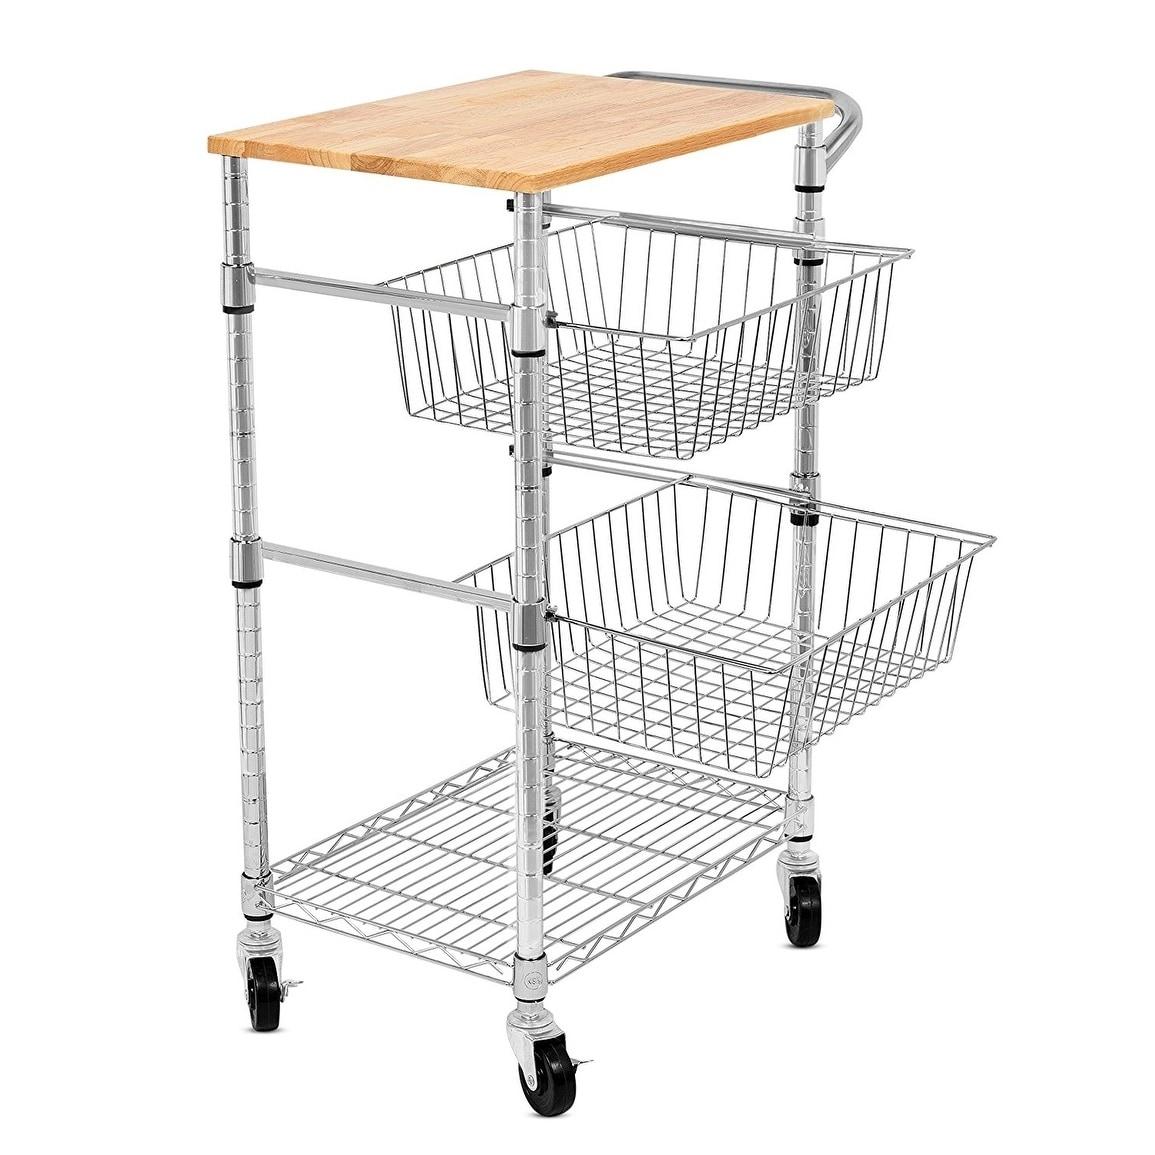 Internet\'s Best 3-Tier Kitchen Cart with Wire Baskets | Kitchen Island  Trolley with Locking Wheels | 2 Sliding Wire Baskets